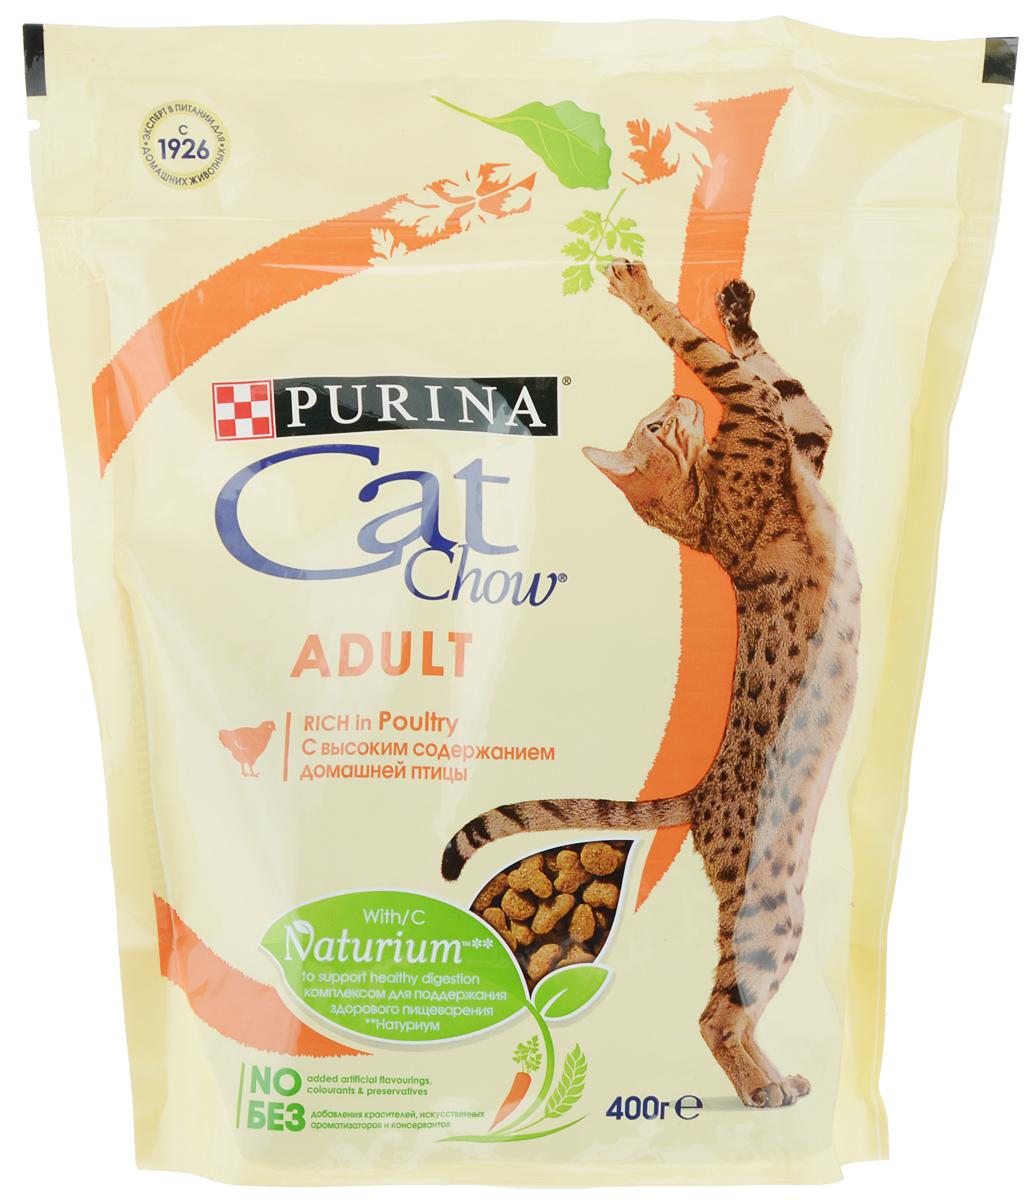 Корм сухой Cat Chow, для взрослых кошек, с домашней птицей, 400 г0120710Сухой корм Cat Chow - это особое сочетание волокон природного происхождения. Он включает источник натурального пребиотика, который улучшает баланс микрофлоры кишечника и поддерживает здоровье пищеварительной системы кошки. Это позволяет ей питаться с большей пользой. В состав корма входит витамин E для поддержания естественной защиты организма кошки и витаминами группы B, чтобы помочь вашей кошке оптимально использовать энергию. Корм тщательно разработан: без добавления искусственных консервантов и ароматизаторов, без добавления красителейТовар сертифицирован.